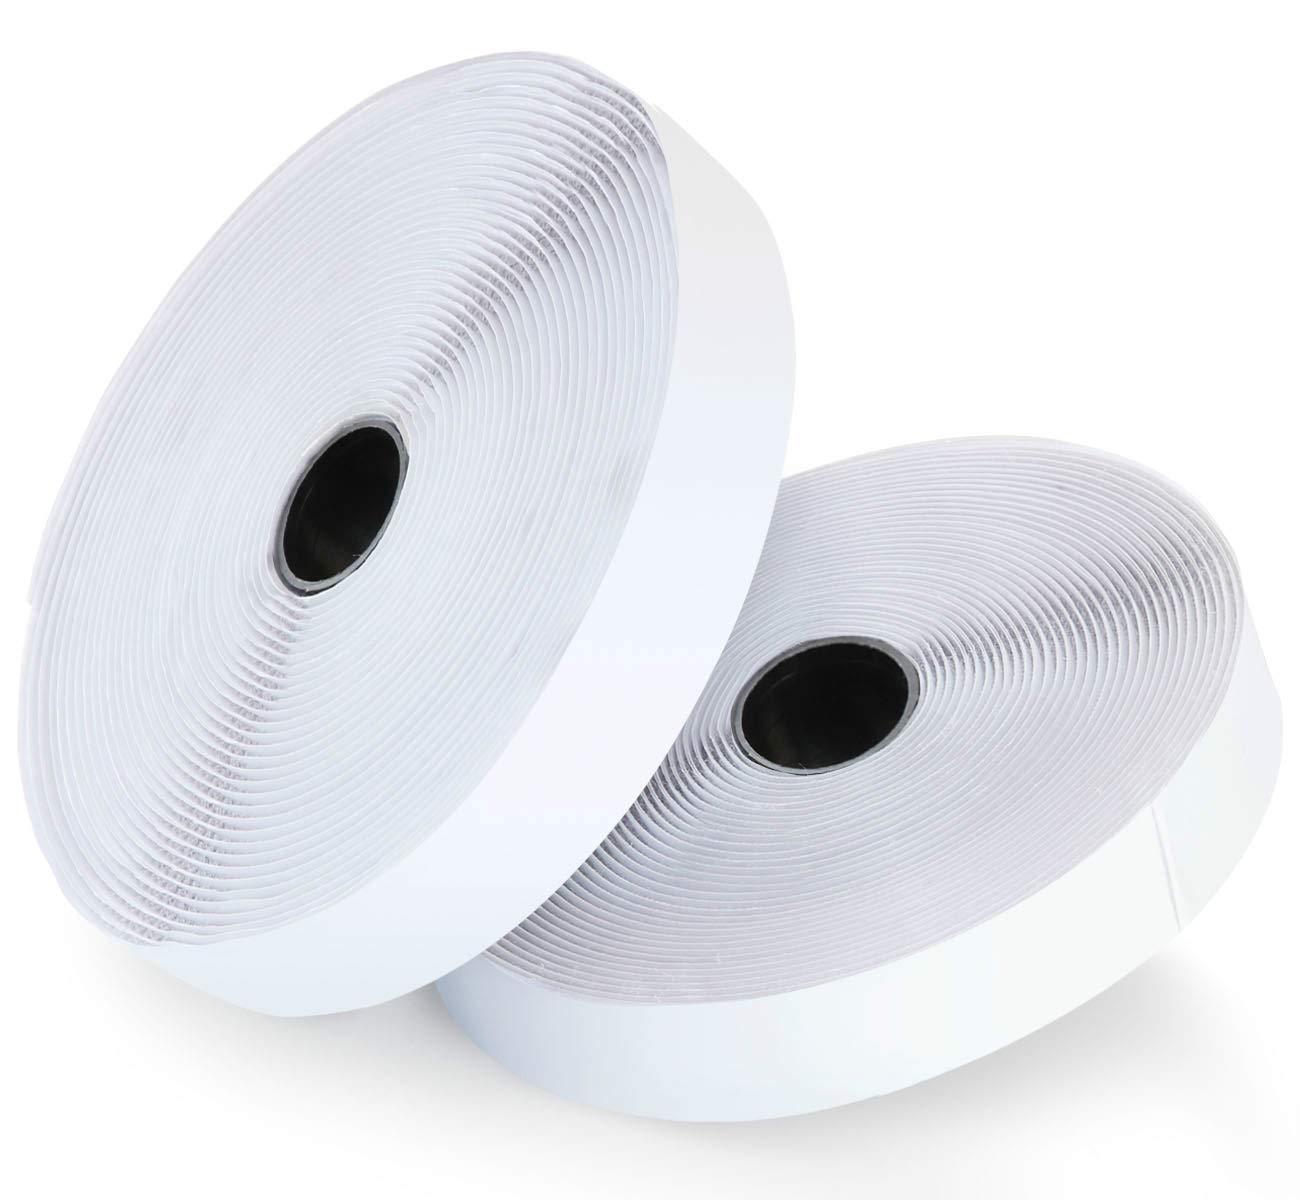 10M*2 Gancio e Anello Fissaggio Autoadesivo Nastro Velcro Adesivo Velcro e Ganci Nastro Adesivo Velcro Absofine